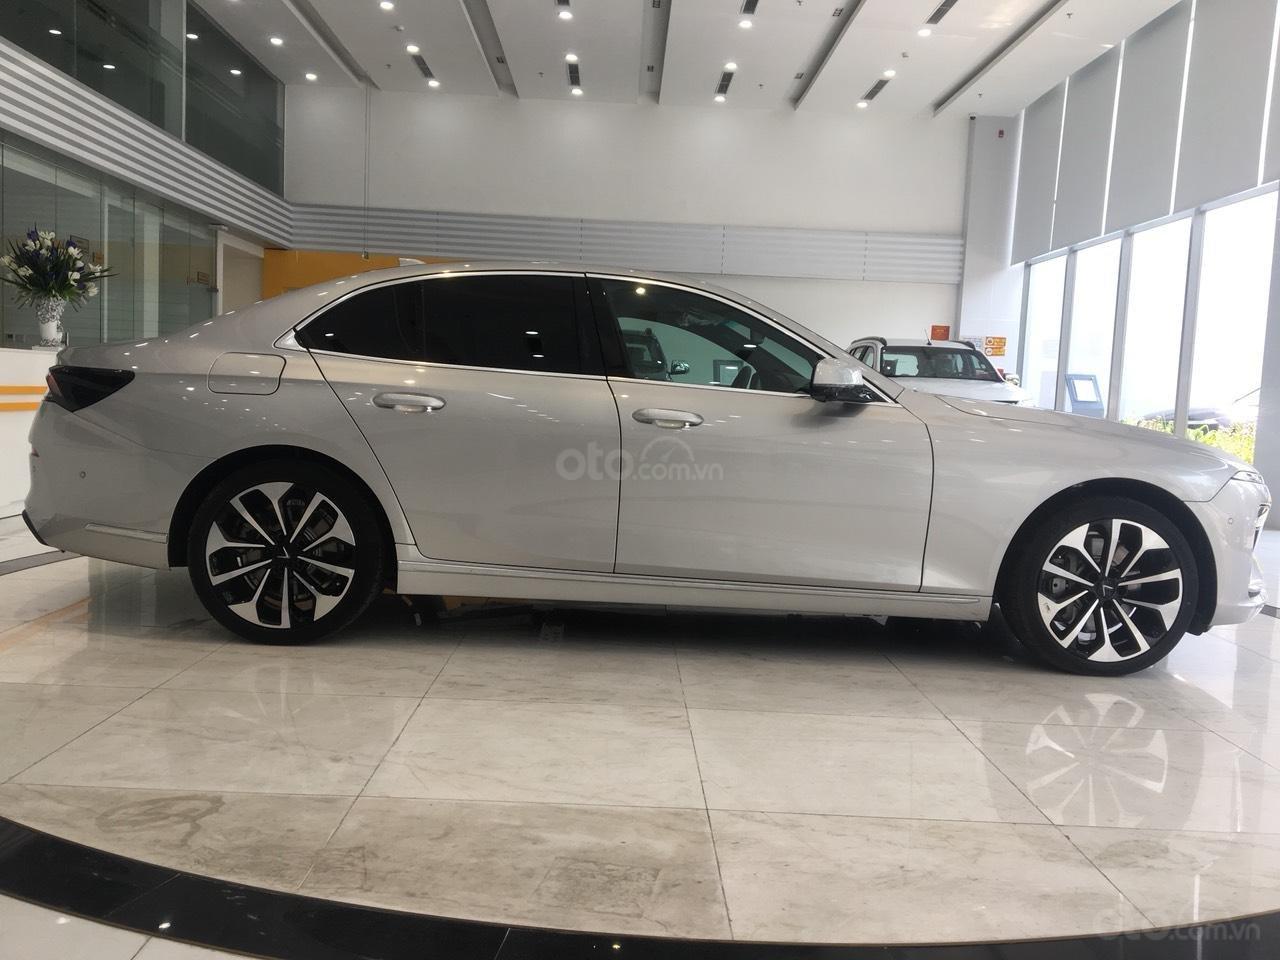 Bán xe VinFast LUX A2.0 full-Da Nappa Nâu 2019, màu bạc 0911234775 em Long (2)